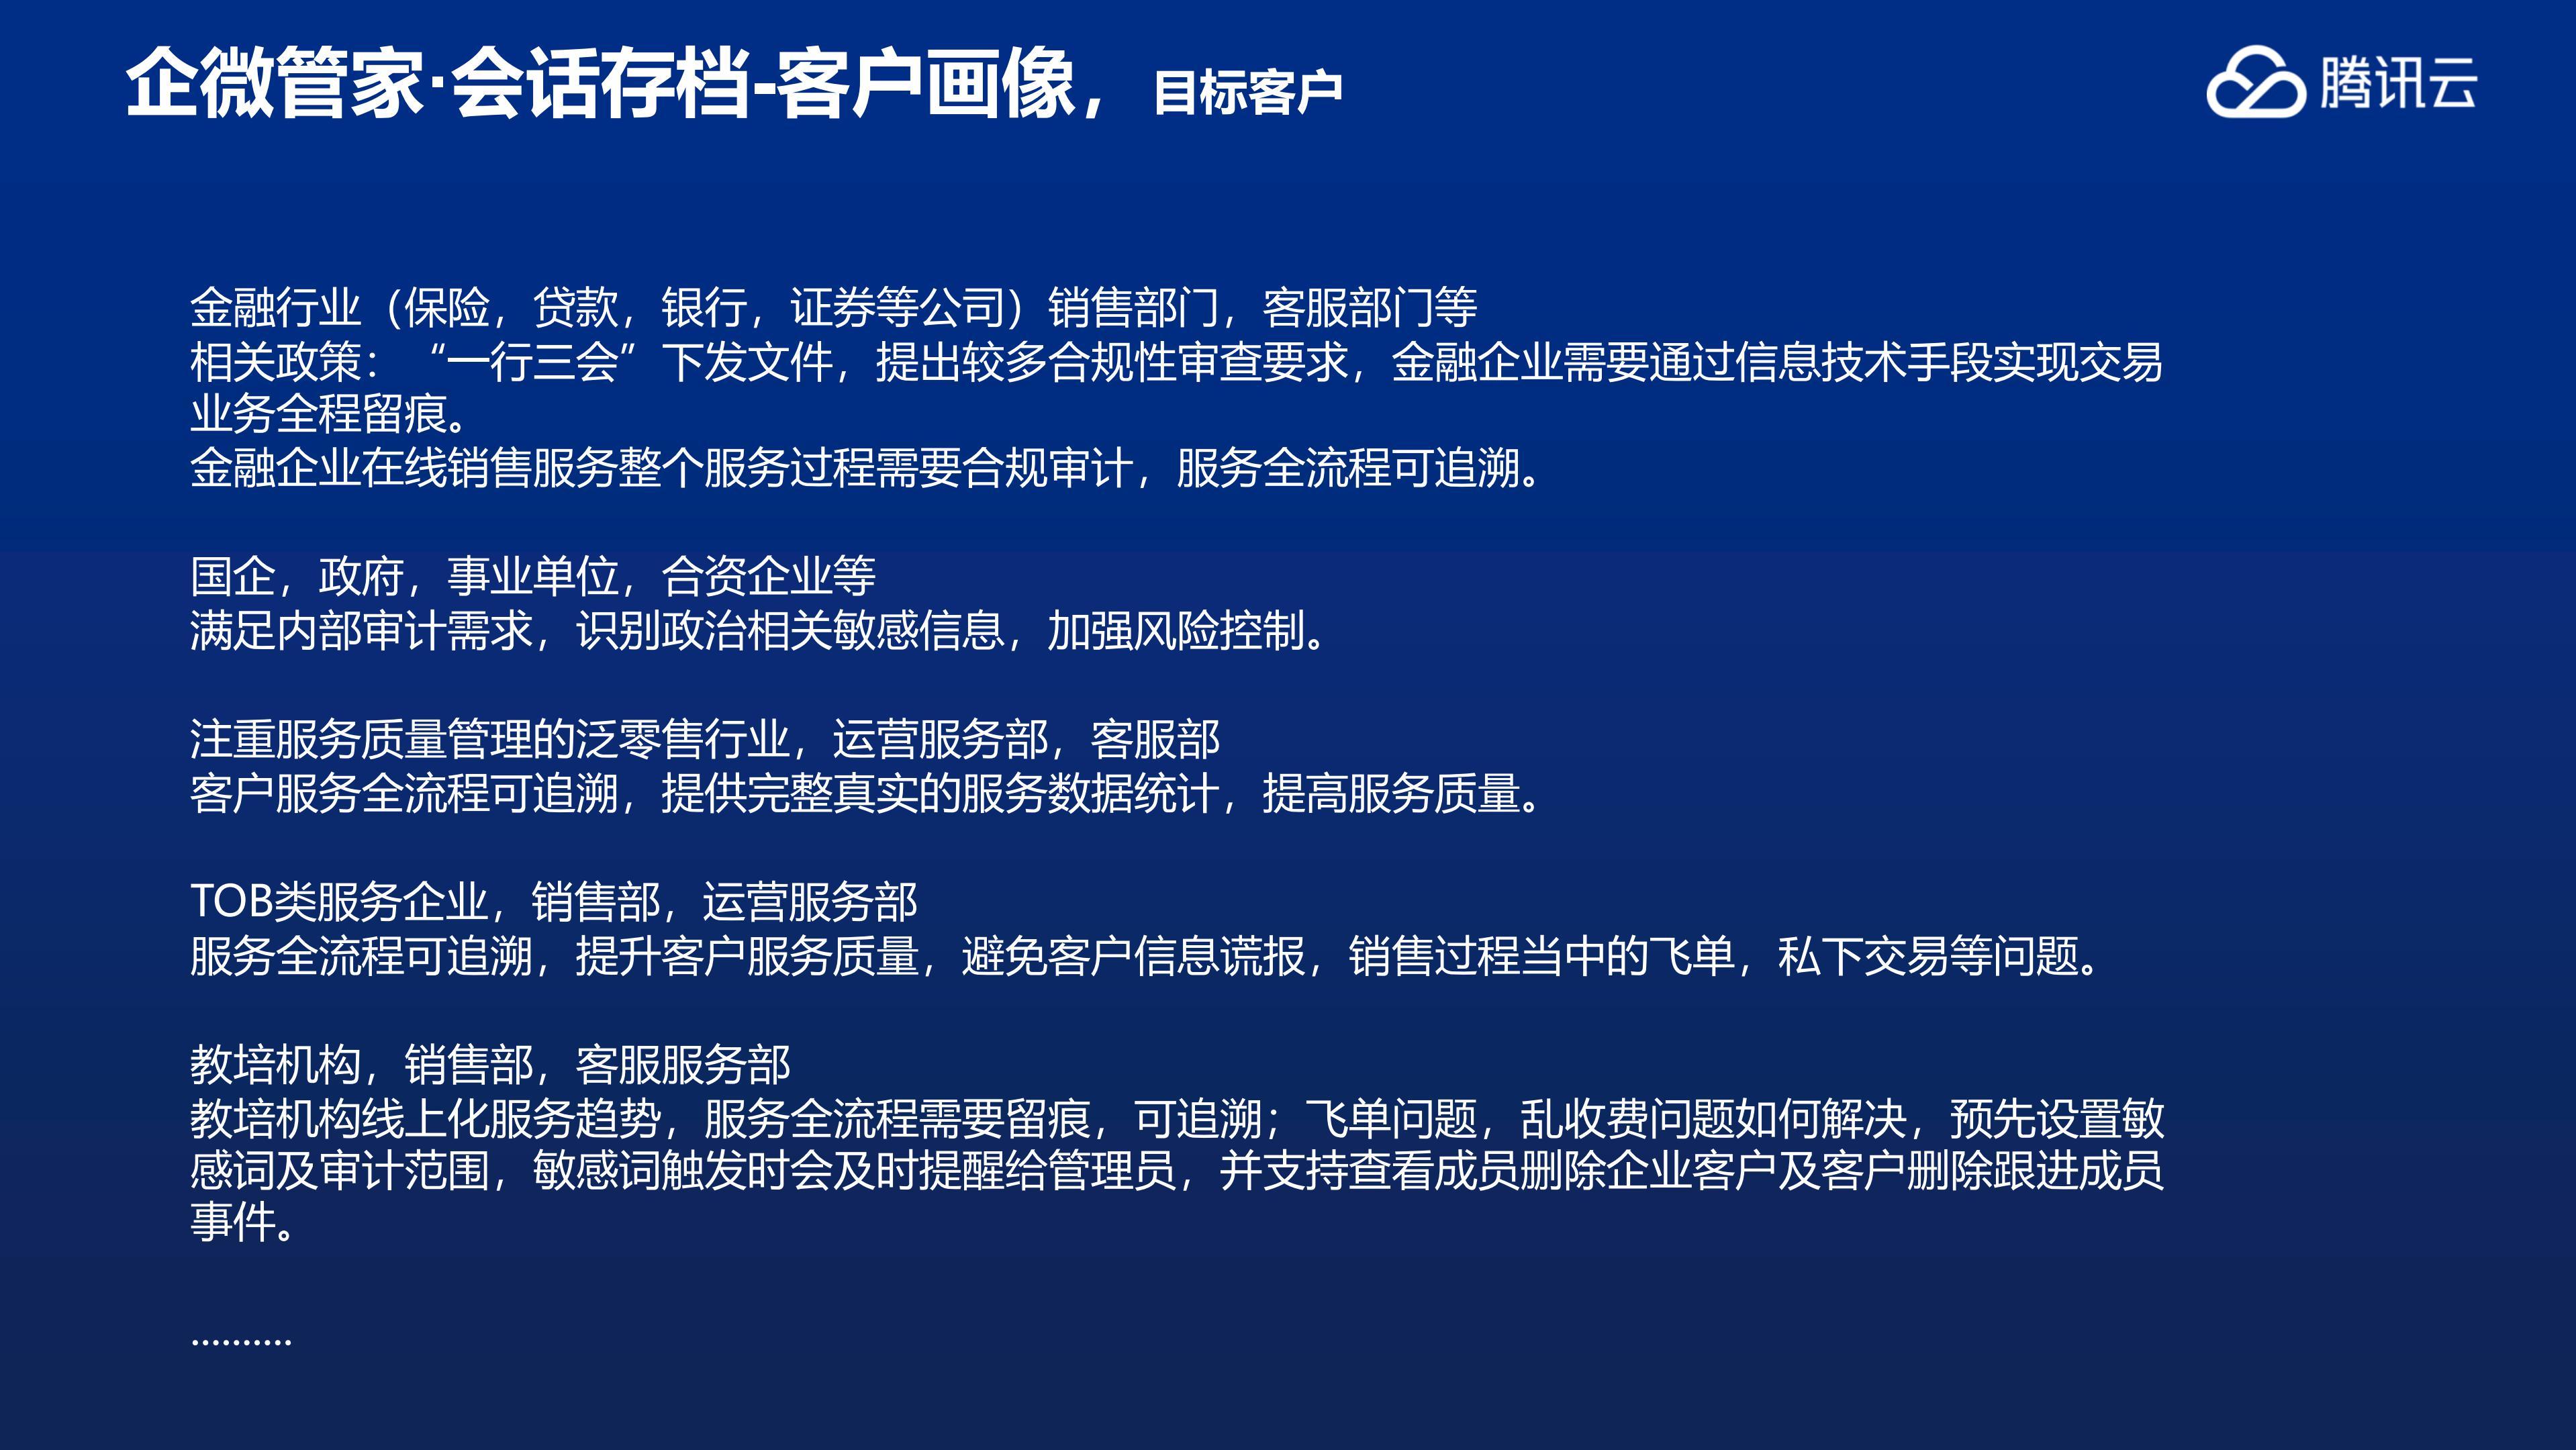 腾讯云企微管家产品介绍_27.jpg